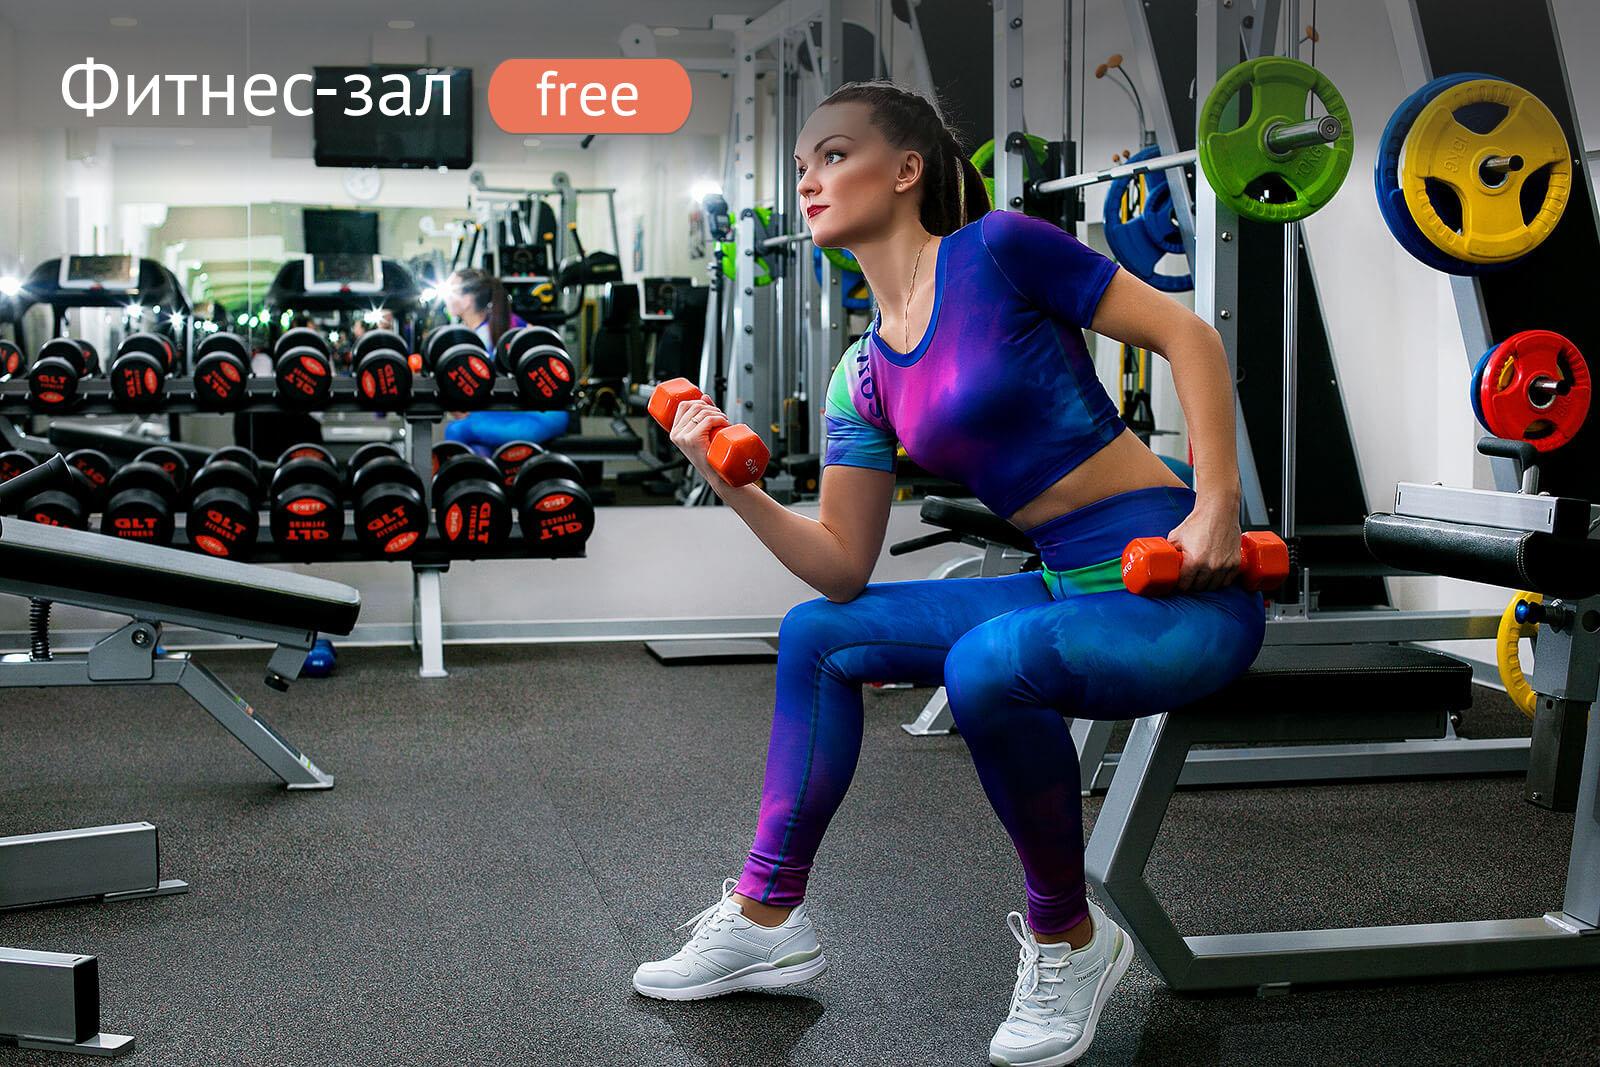 Бесплатный фитнес-зал